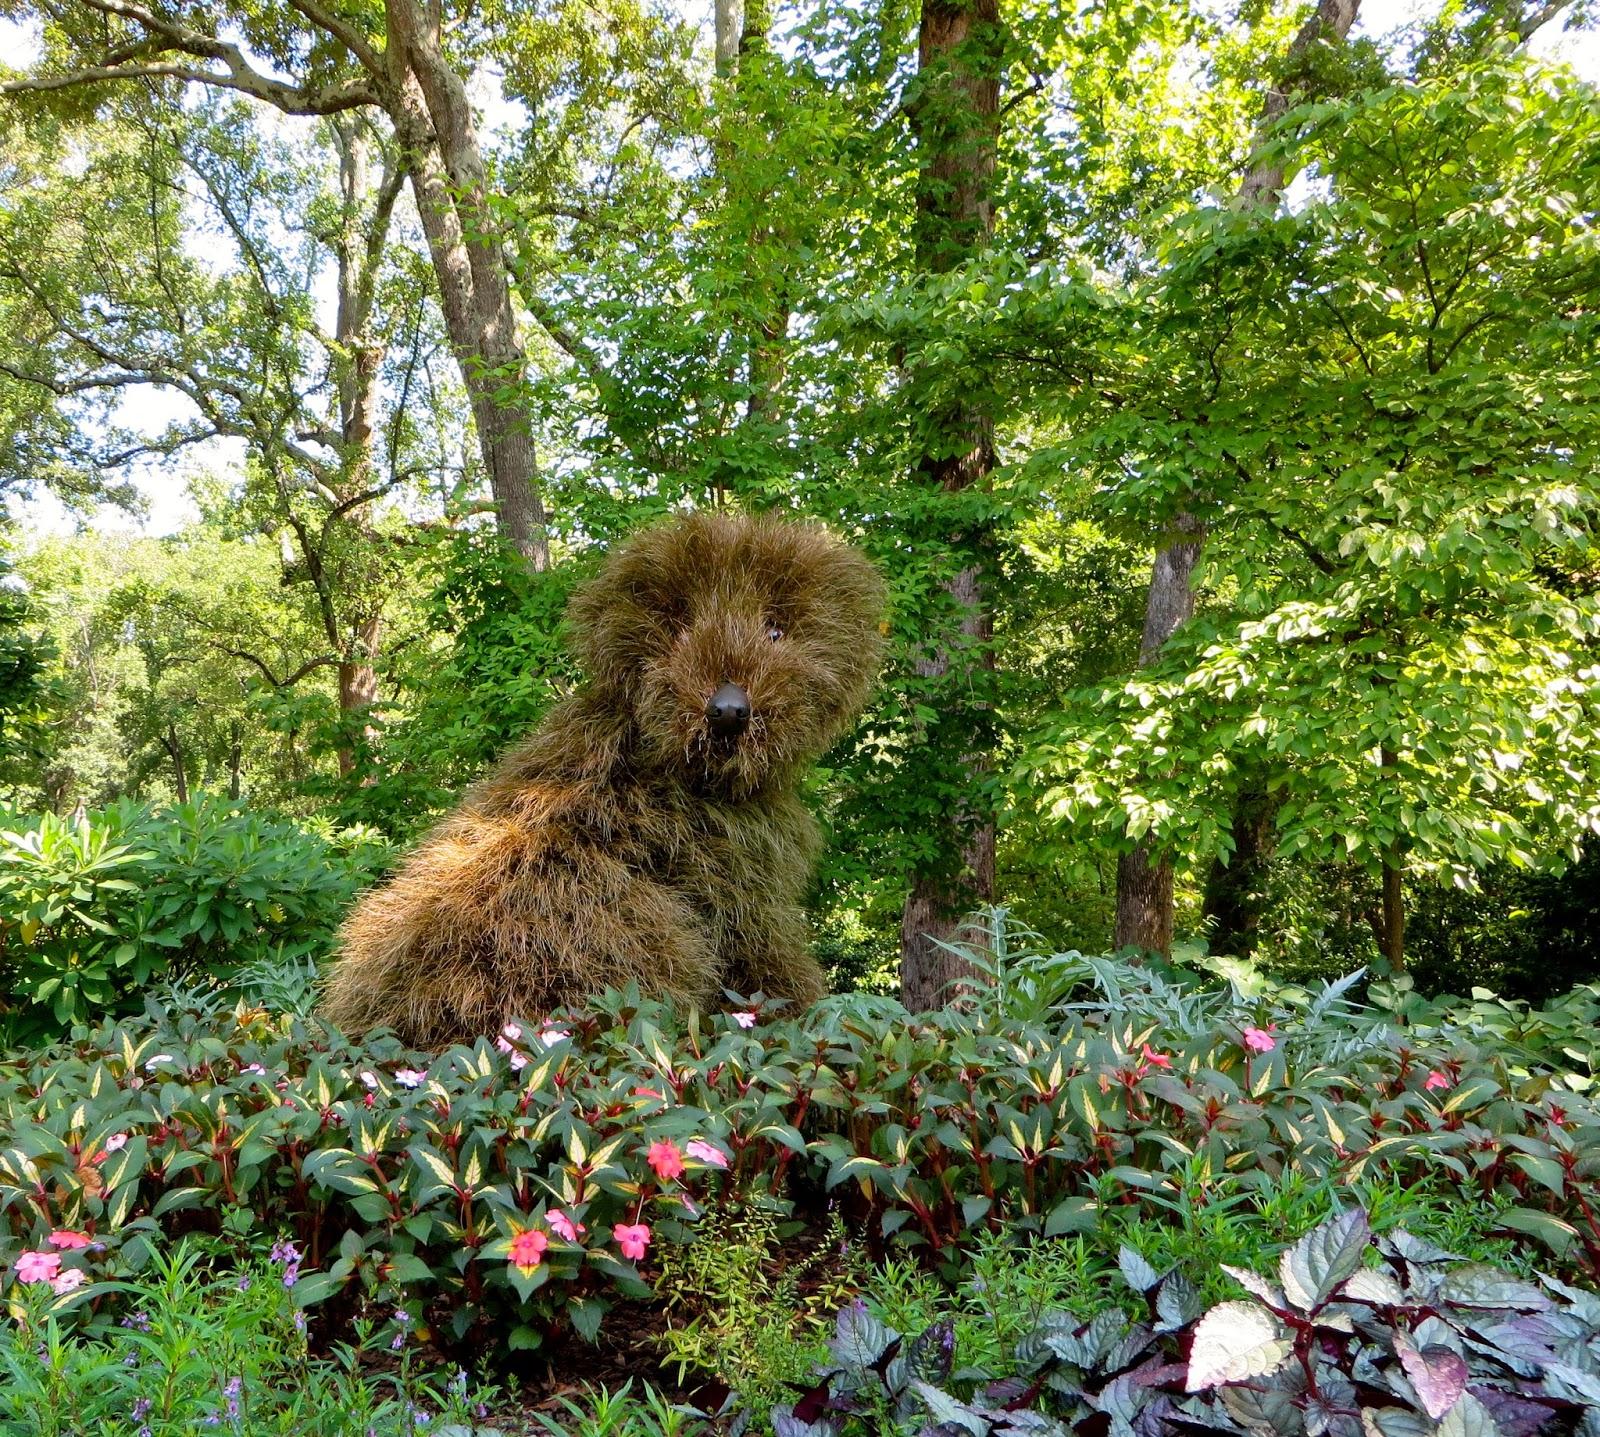 Atlanta Botanical Garden Skyline Gardens: A Curious Gardener: Atlanta Botanical Garden